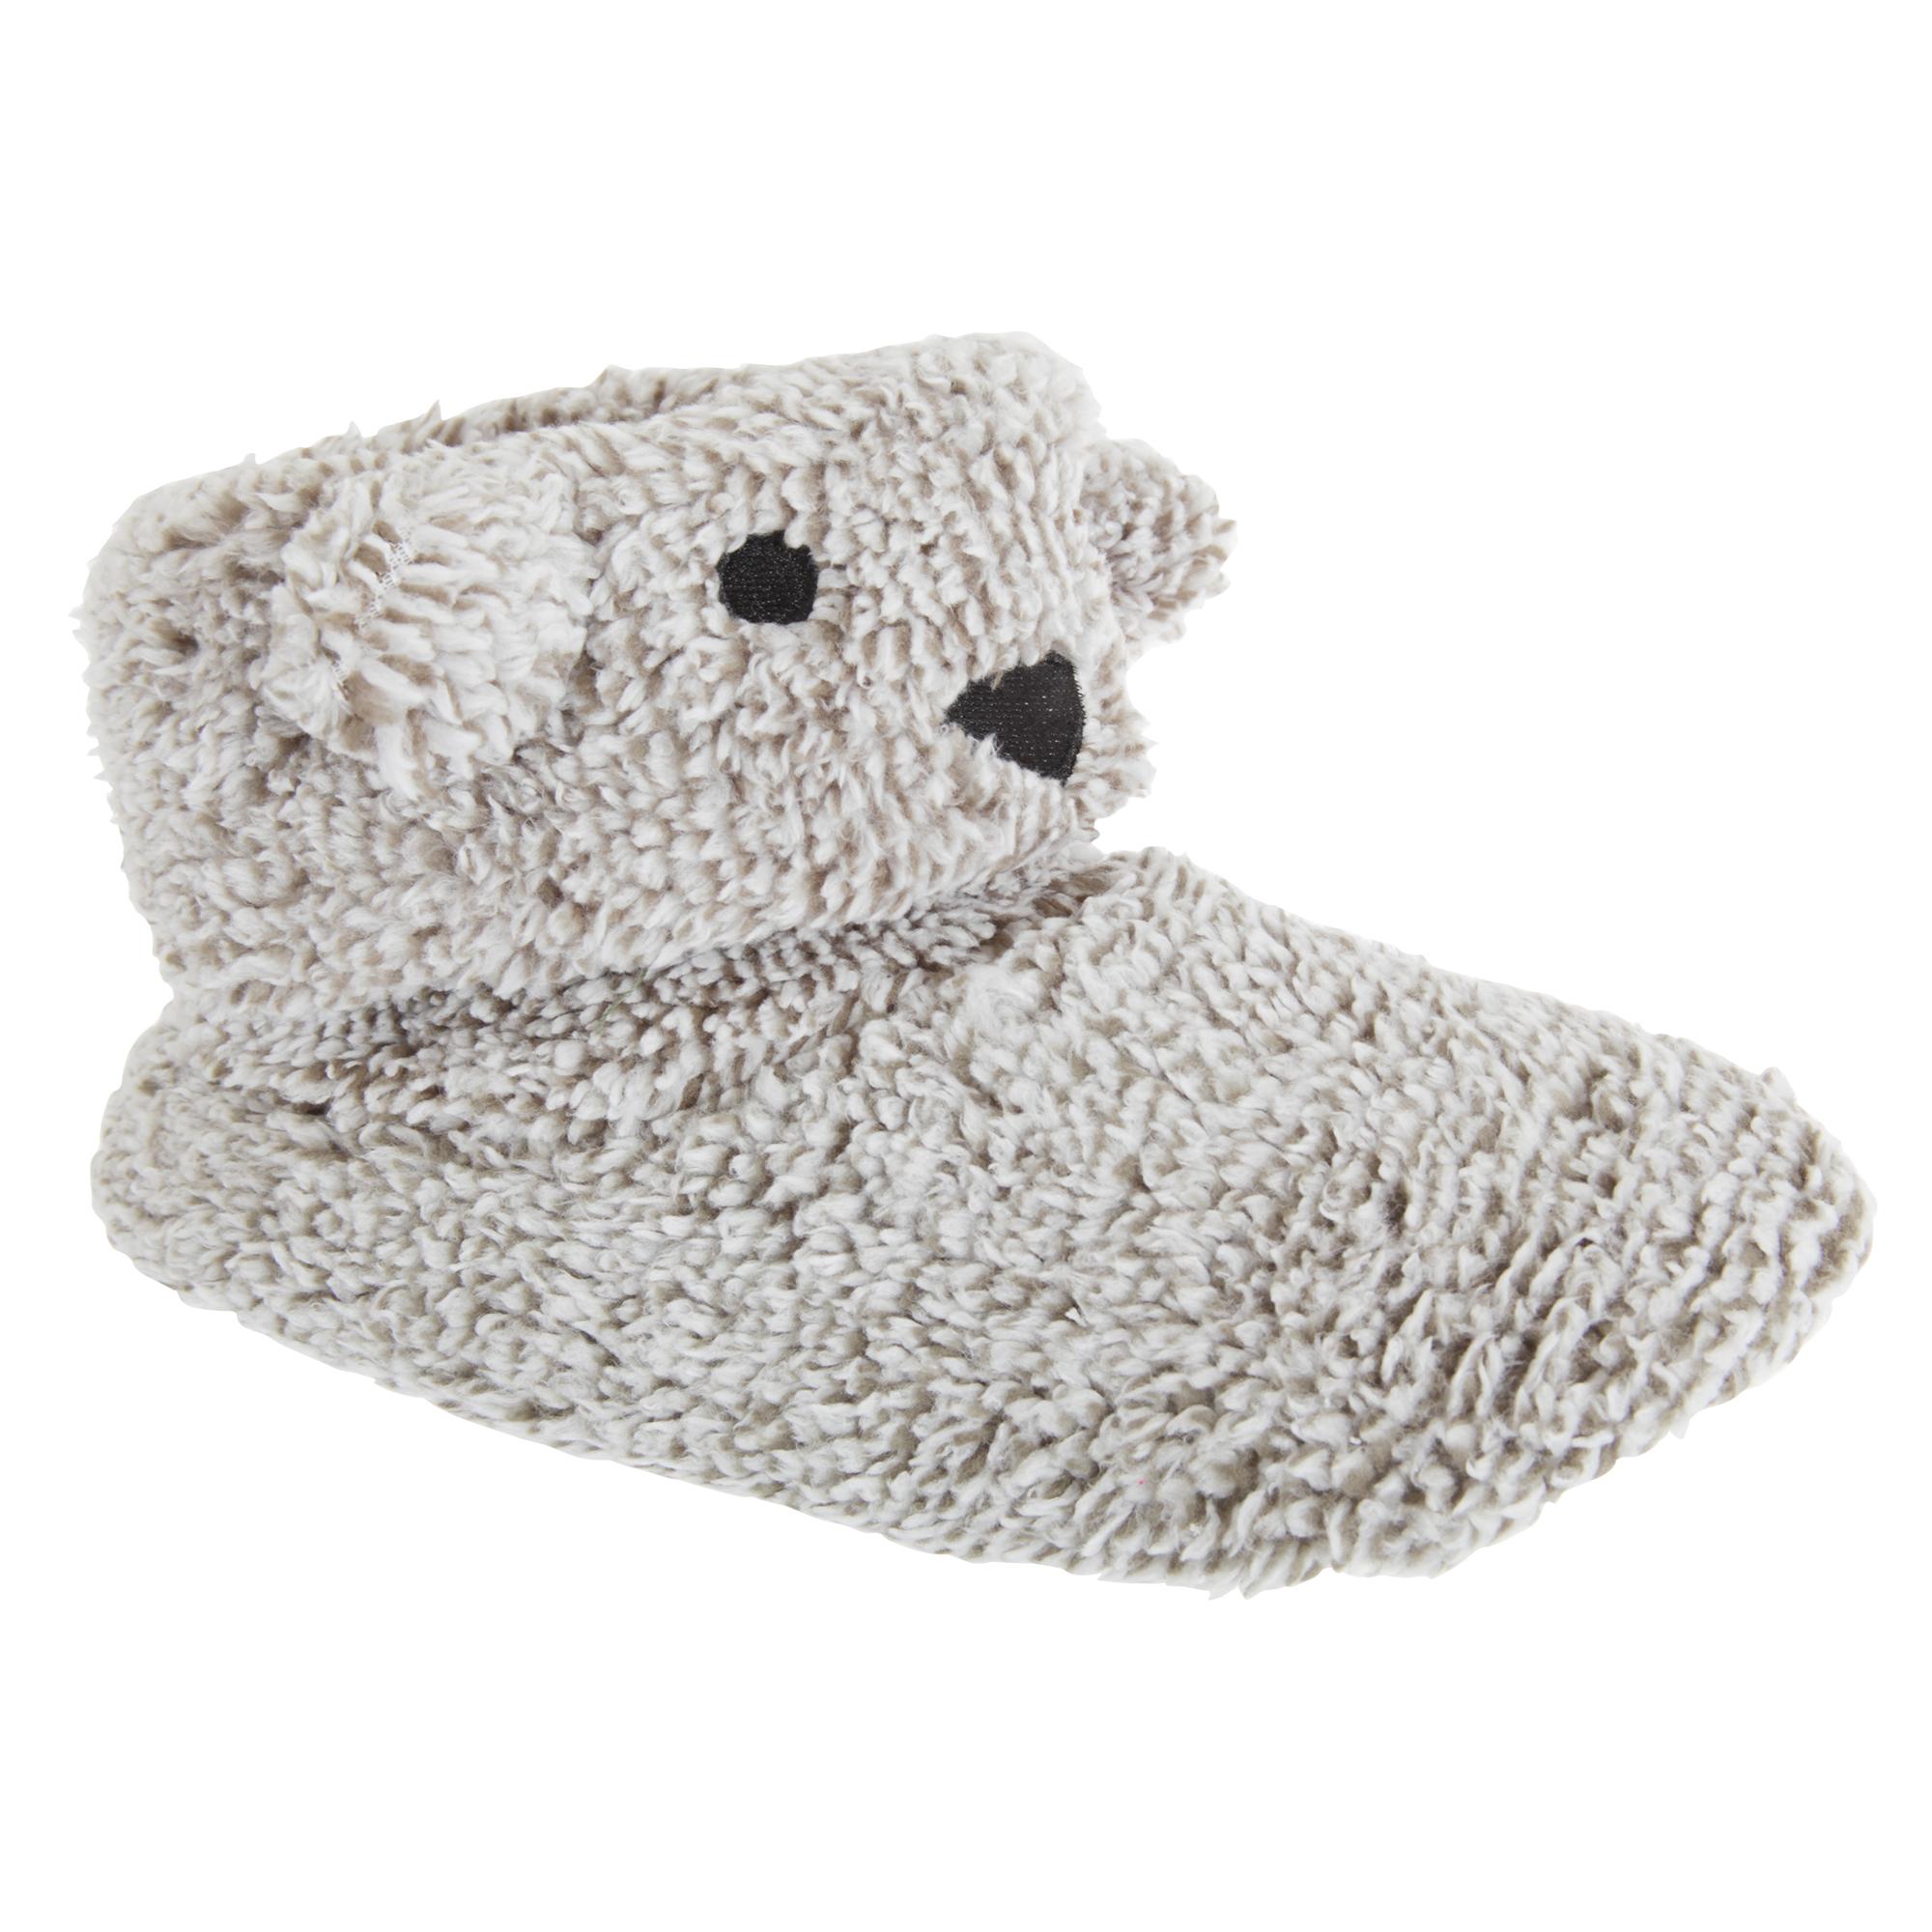 cdf387ceefc5 Details about Slumberzzz Womens Ladies Animalia Fluffy Slipper Boot (SL589)